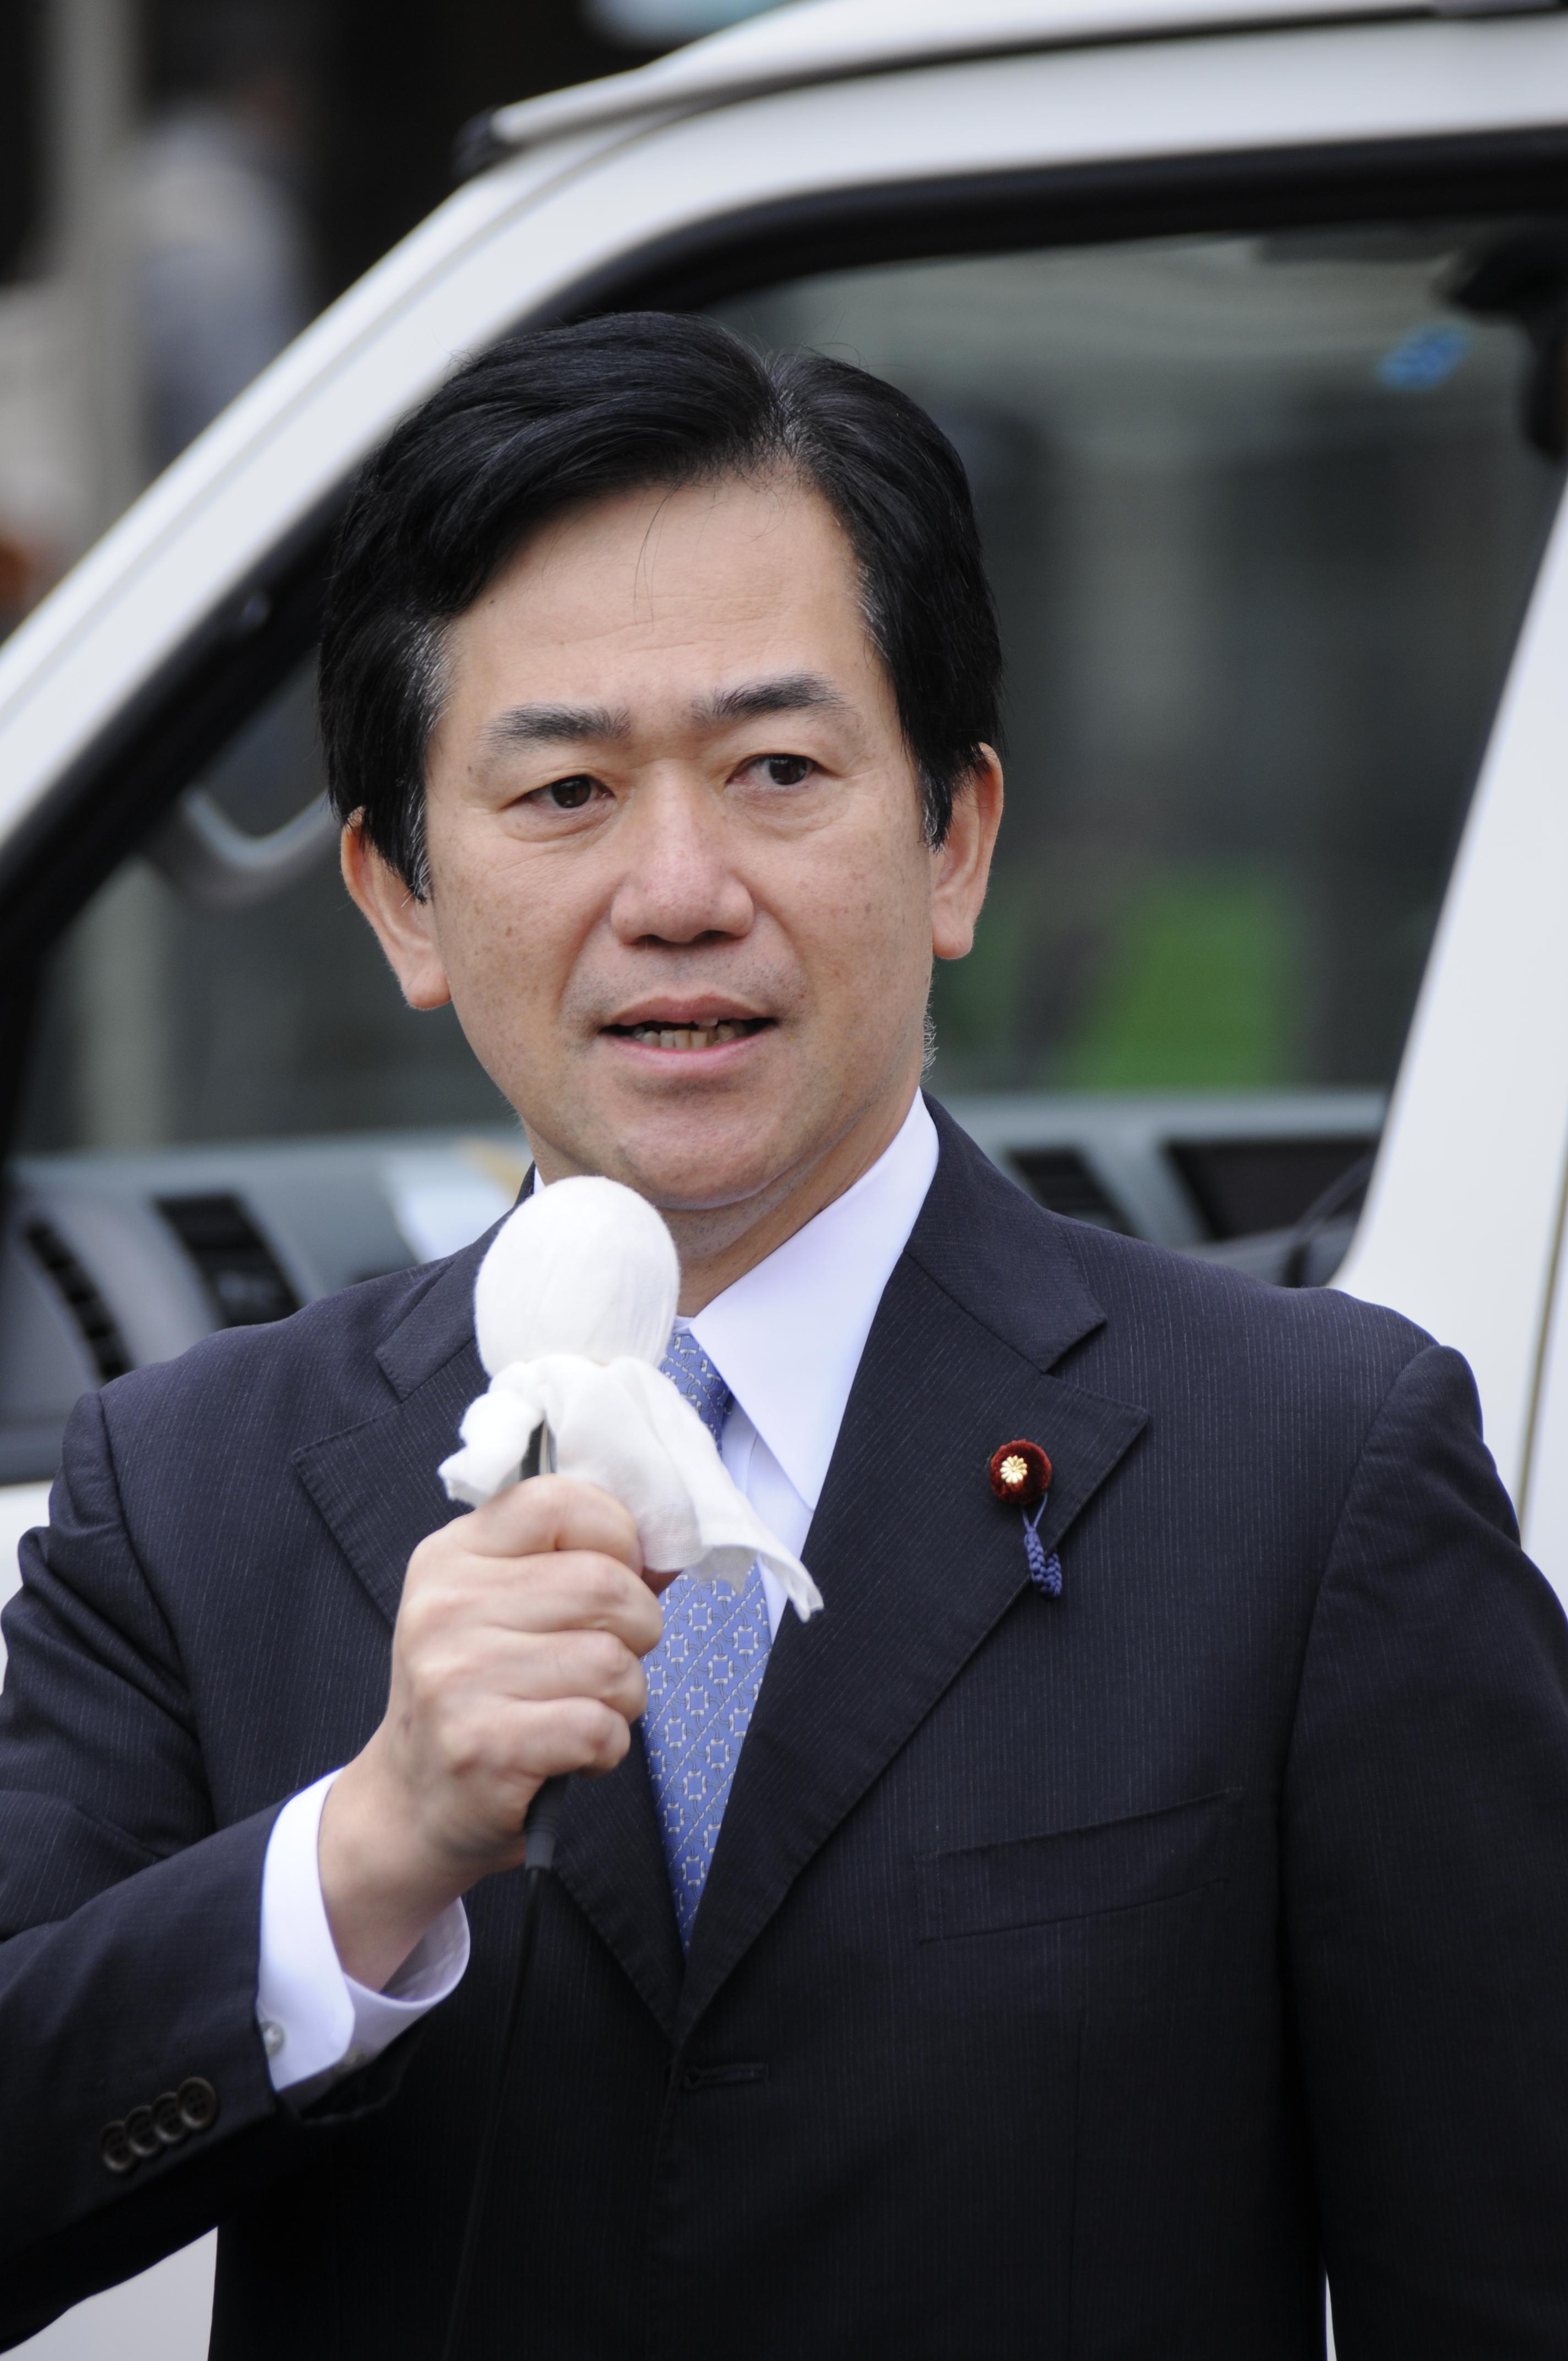 活動報告インターンシップを通して明日を信じられる日本へ